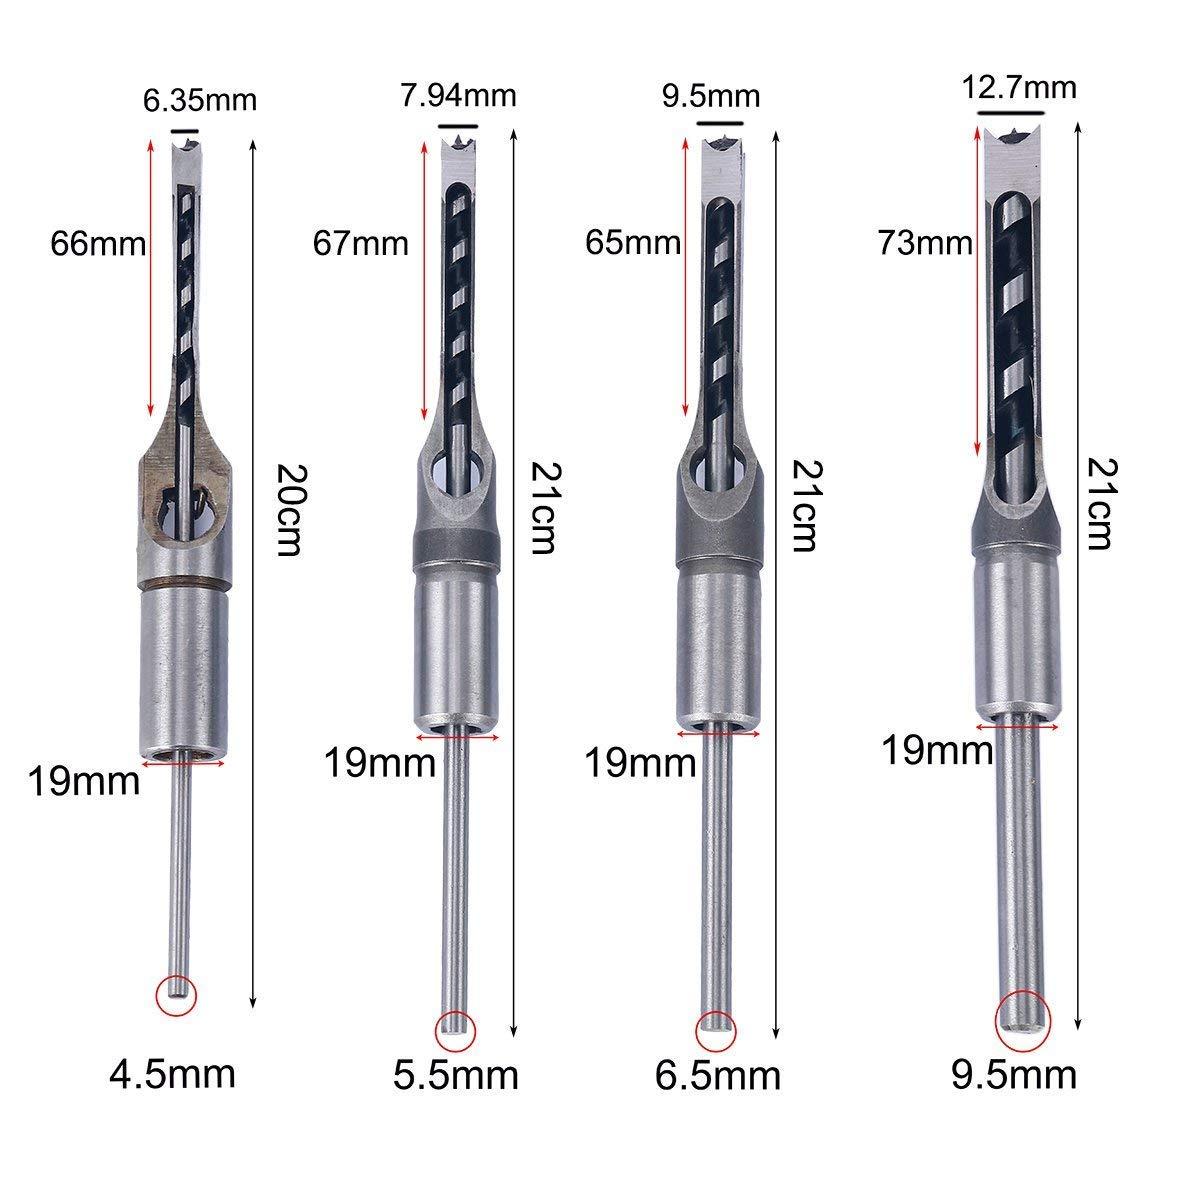 FreeTec 4 piezas Juego de herramientas de carpinter/ía agujero sierra broca form/ón Kit 6,35mm 12,7mm 7,94mm 9,5mm